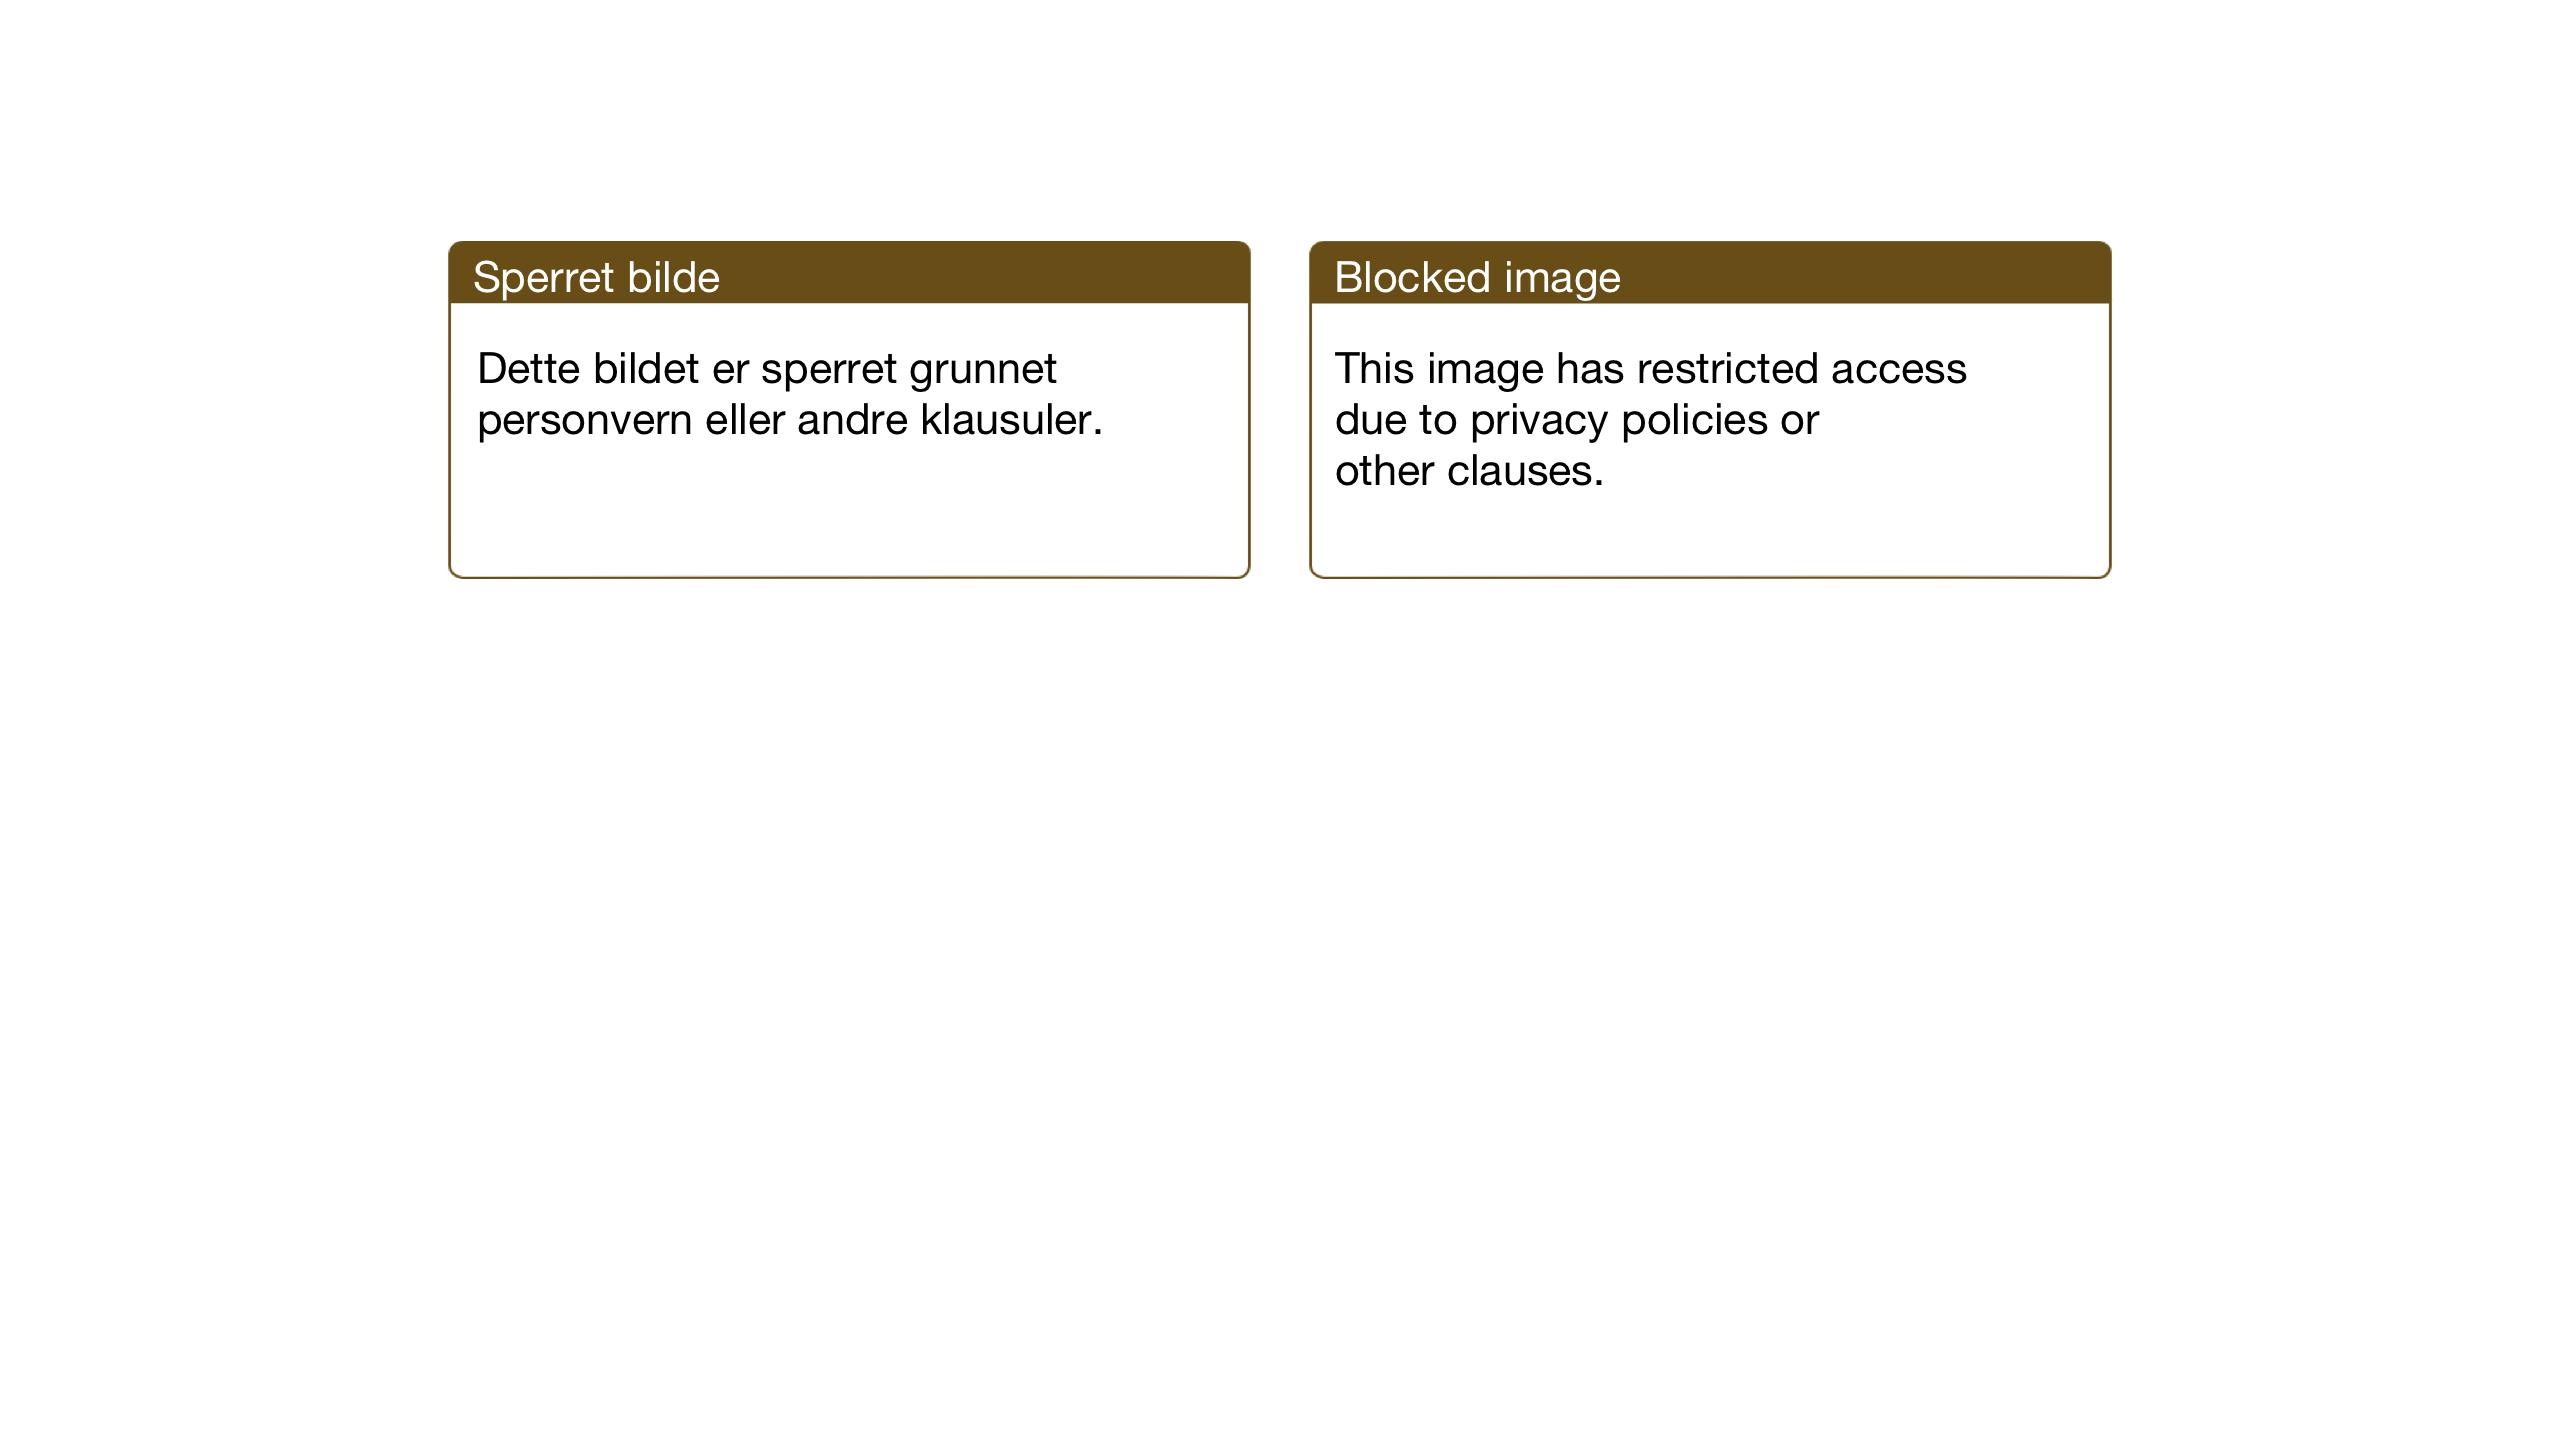 SAT, Ministerialprotokoller, klokkerbøker og fødselsregistre - Nord-Trøndelag, 732/L0319: Klokkerbok nr. 732C03, 1911-1945, s. 34